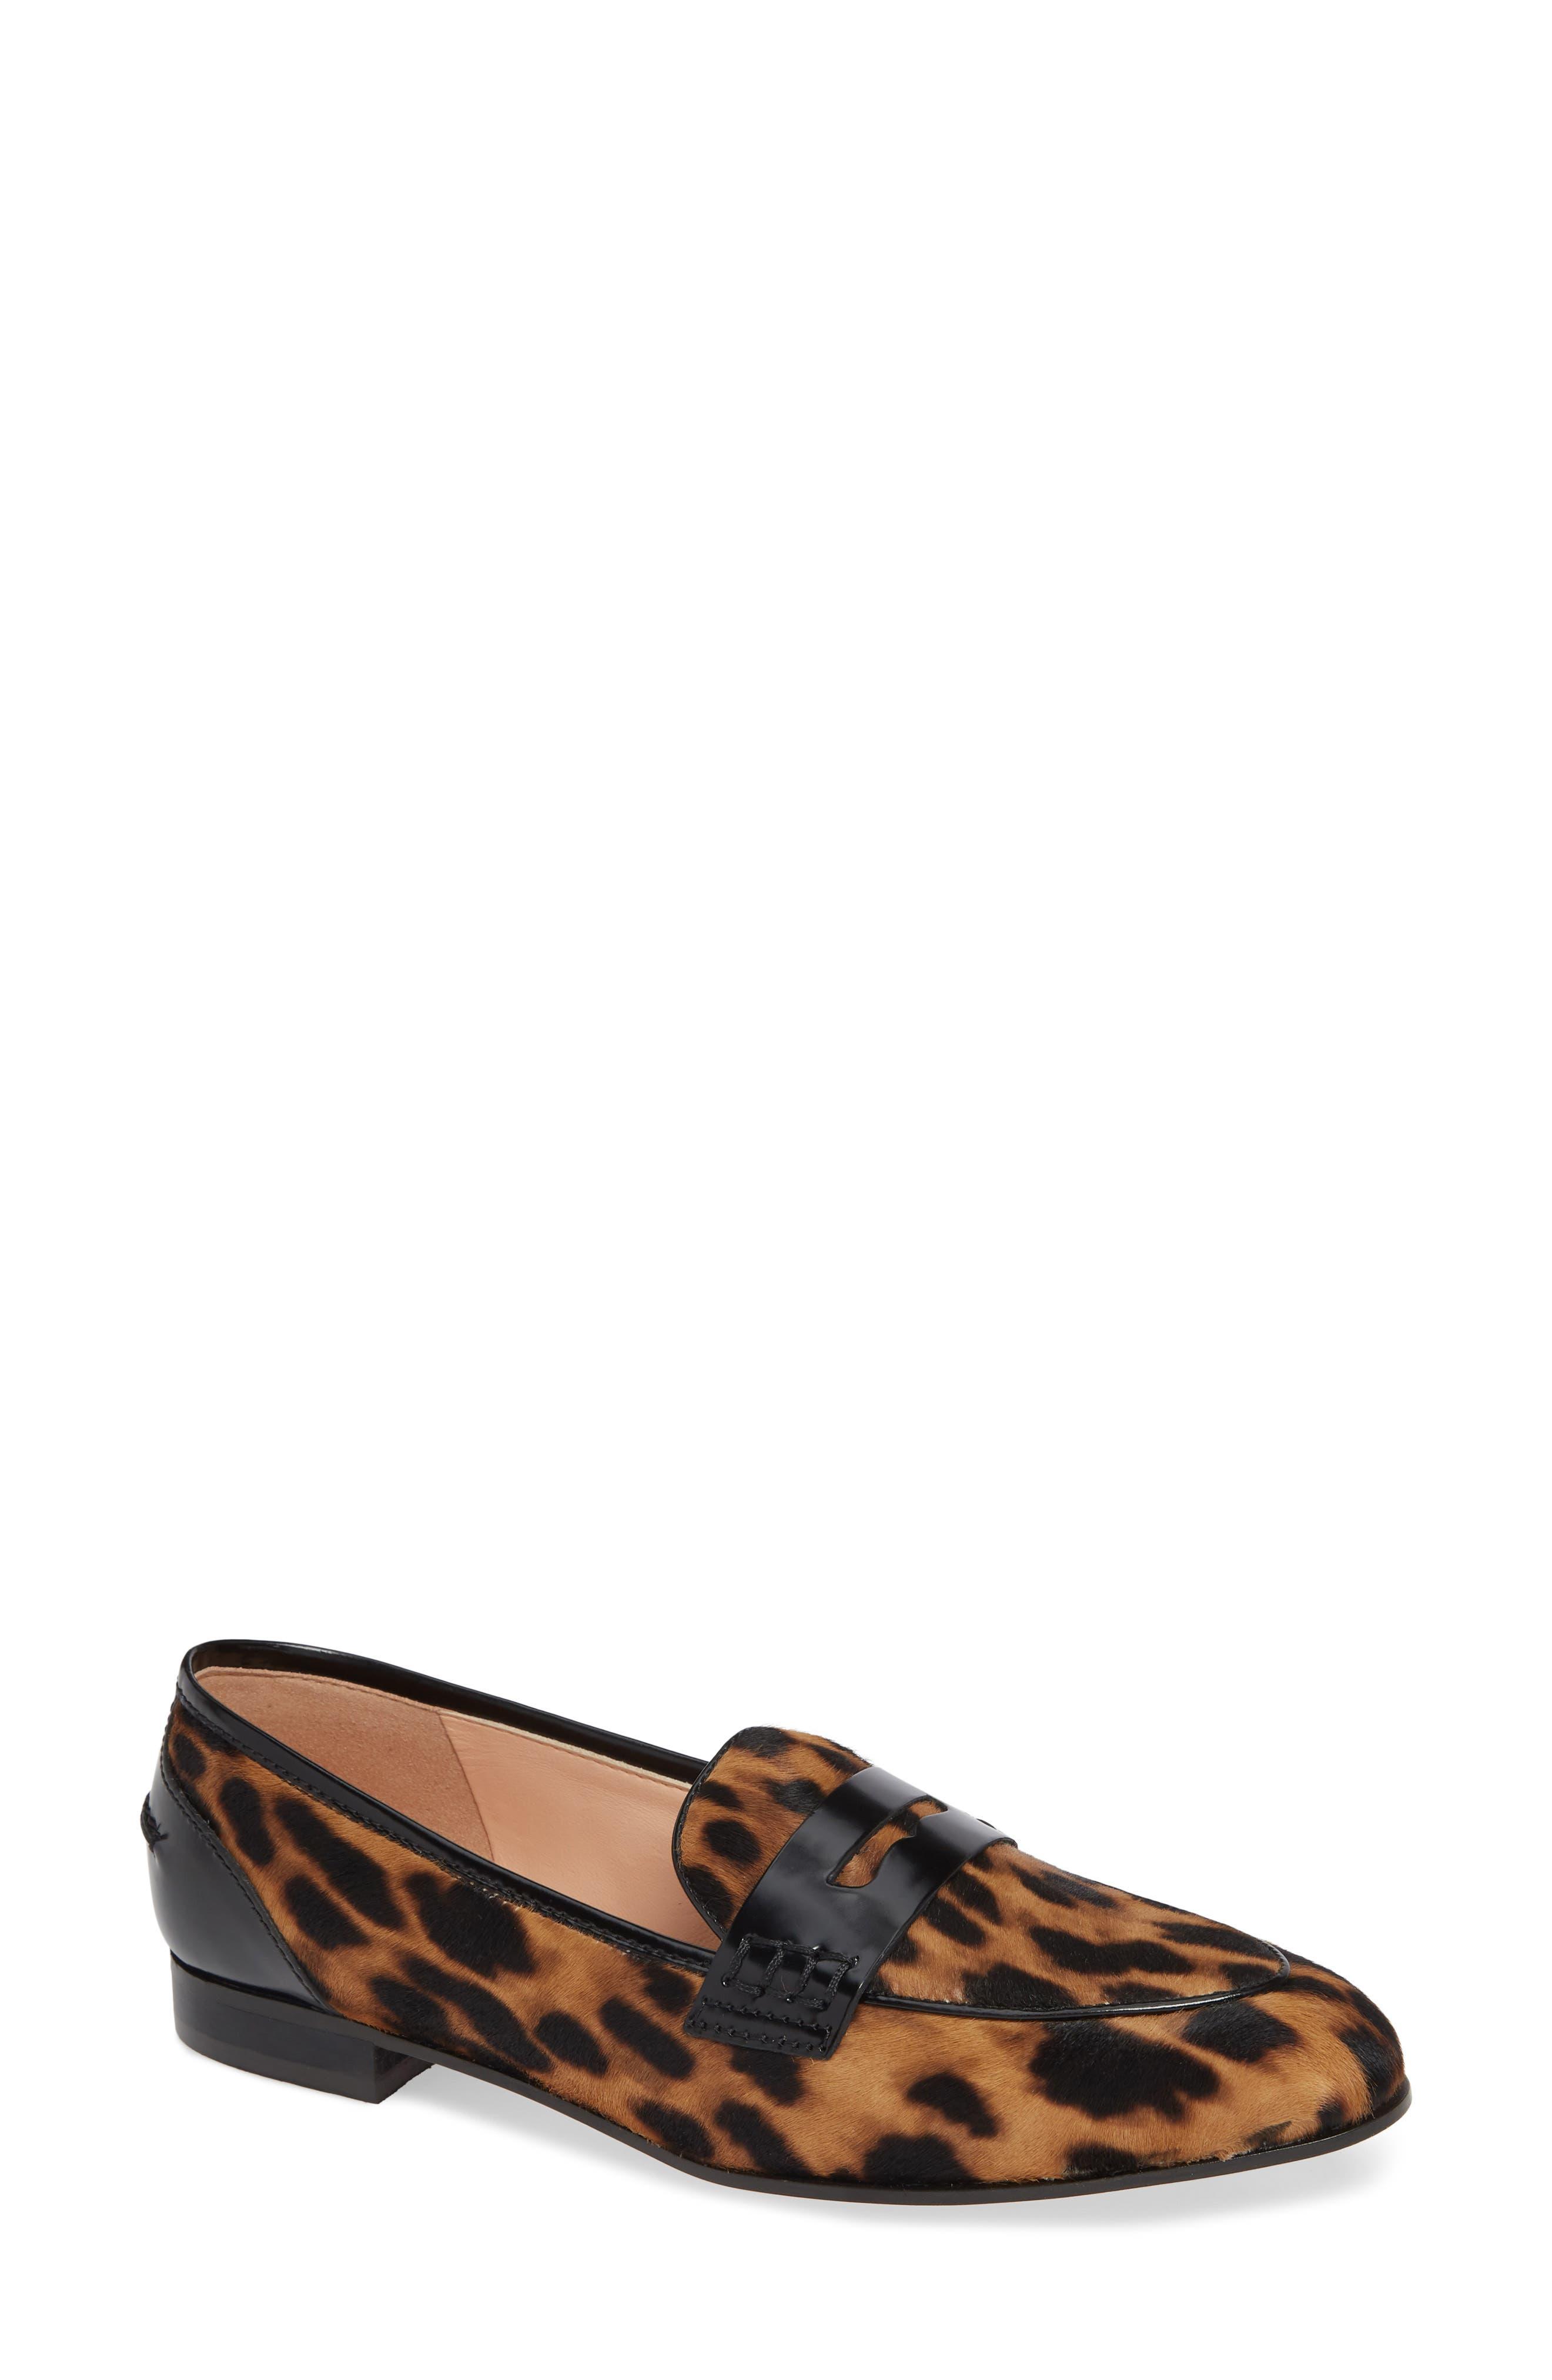 Academy Genuine Calf Hair Penny Loafer,                             Main thumbnail 1, color,                             Leopard Calf Hair